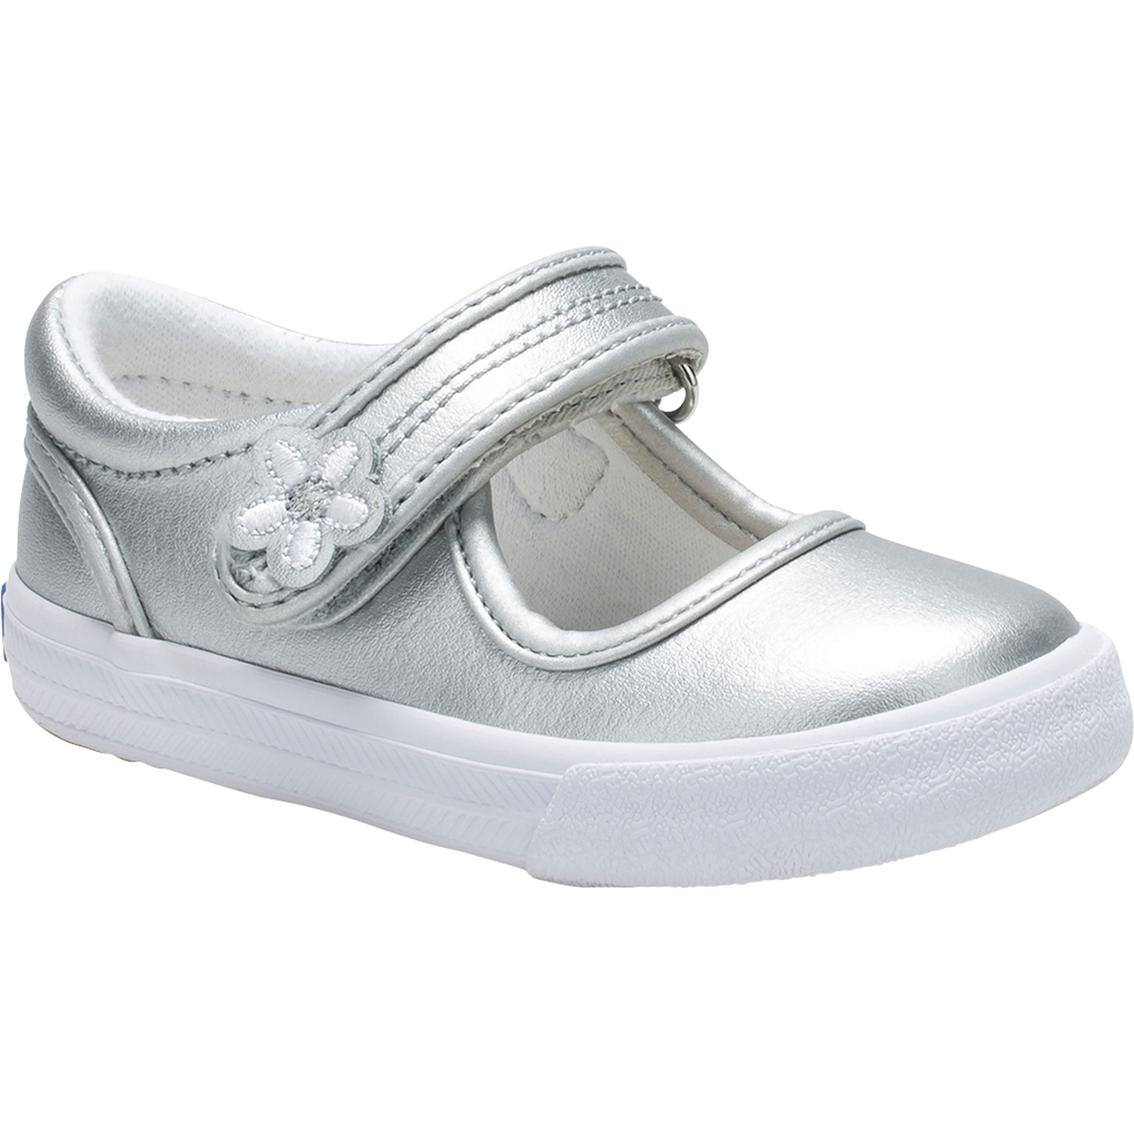 Keds Toddler Girls Ella Mary Jane Shoes